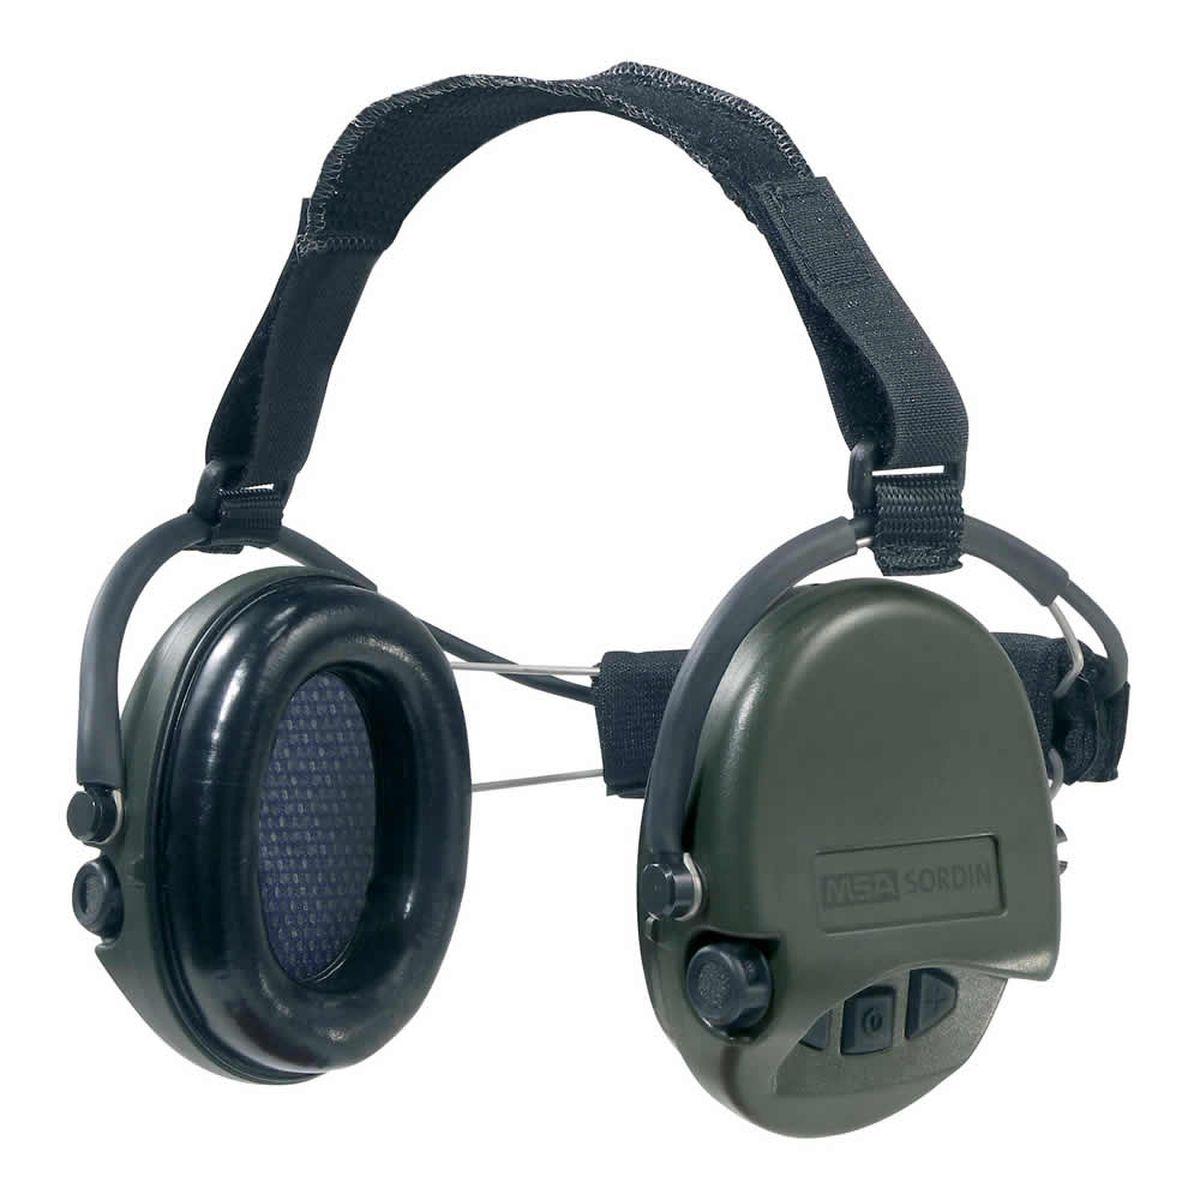 Главное отличие этой модели возможность использовать с шлемом или другим головным убором. Активные наушники для стрельбы и охоты. Цвет ушных чашек – хаки. Усиливают слабый звук в 4 раза до 27 Дц и уменьшают шум до 82 Дц. Звуковая картинка на 360° градусов, звук Stereo. Два отдельных ветро-влагозащищенных микрофона. Влагозащищенный батарейный отсек. Звуковая пауза после отсечки шумовой волны менее 0,6 сек. Широкие кнопки включения с регулировкой громкости звука – 4 положения. Складные соединительные дужки, из прочной проволочной стали, покрытой антикоррозийным лаком. Дужки отделаны кожей. Предусмотрено прослушивание аудиозаписей через плеер/телефон, но основная функция – прослушивание сообщений через переносную радиостанцию. Возможно использование PTT(двух-полосная связь). Автоматическое отключение через 4 часа после начала использования. Предупреждение звуковым сигналом за 40 часов о низком заряде батареи. В комплекте две батарейки ААА, разъём AUX 3,5 мм., кабель. Вес: 310 гр. Гарантия 1 год.